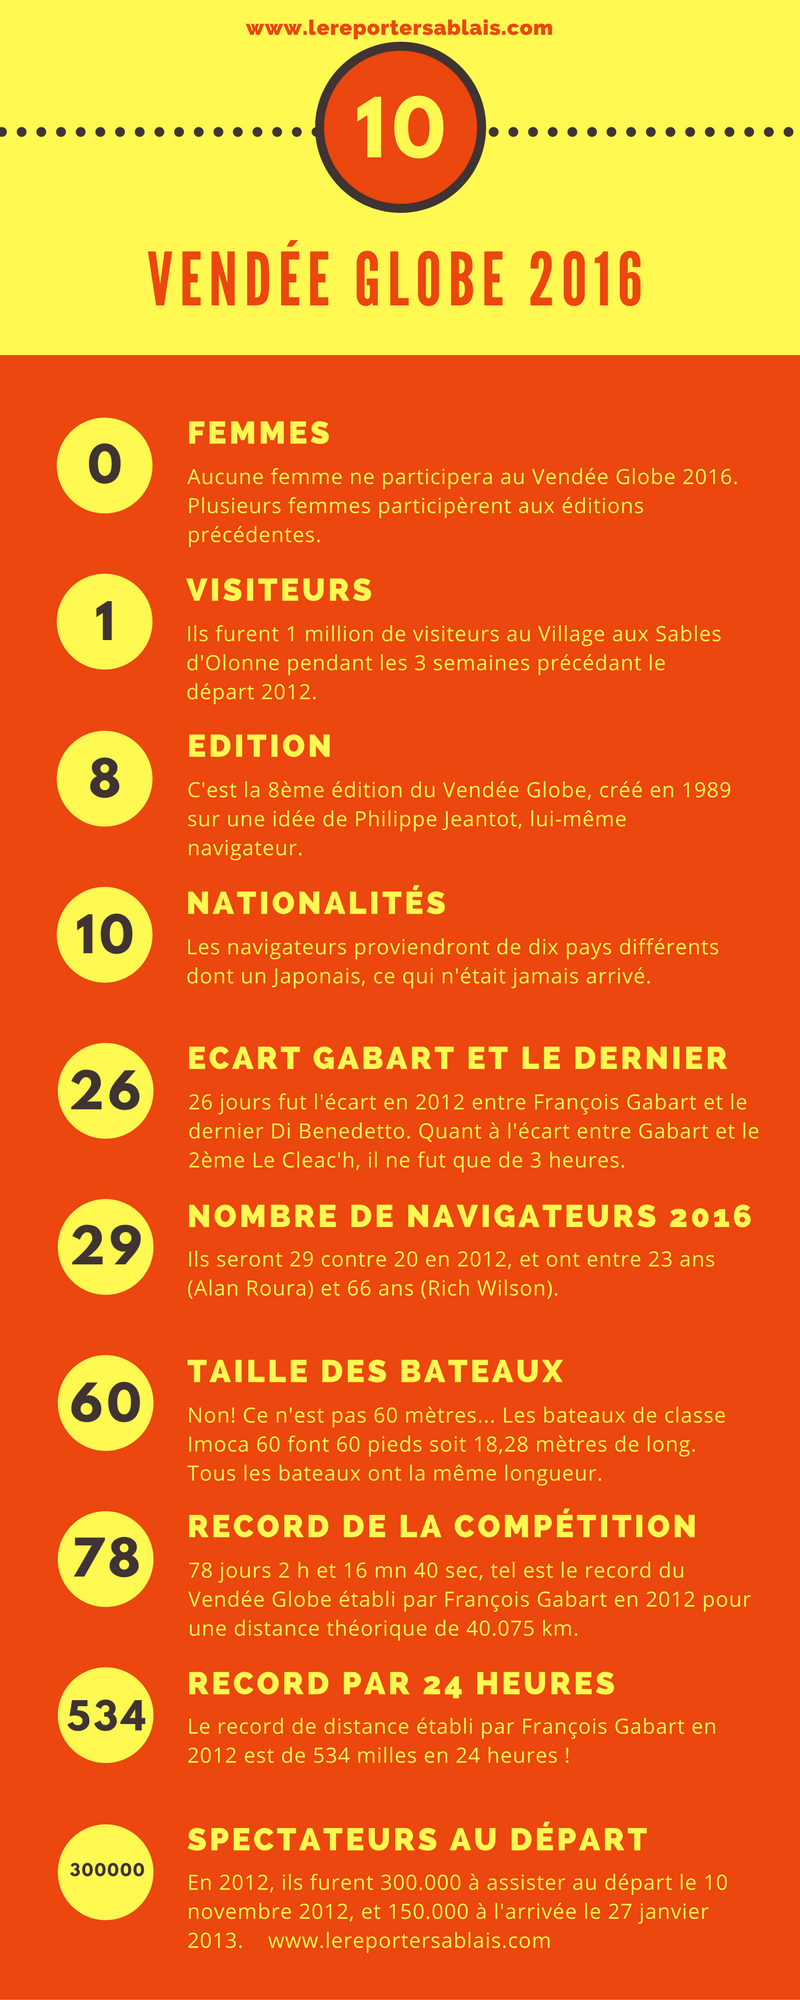 10 Chiffres-Clés du Vendée Globe 2016